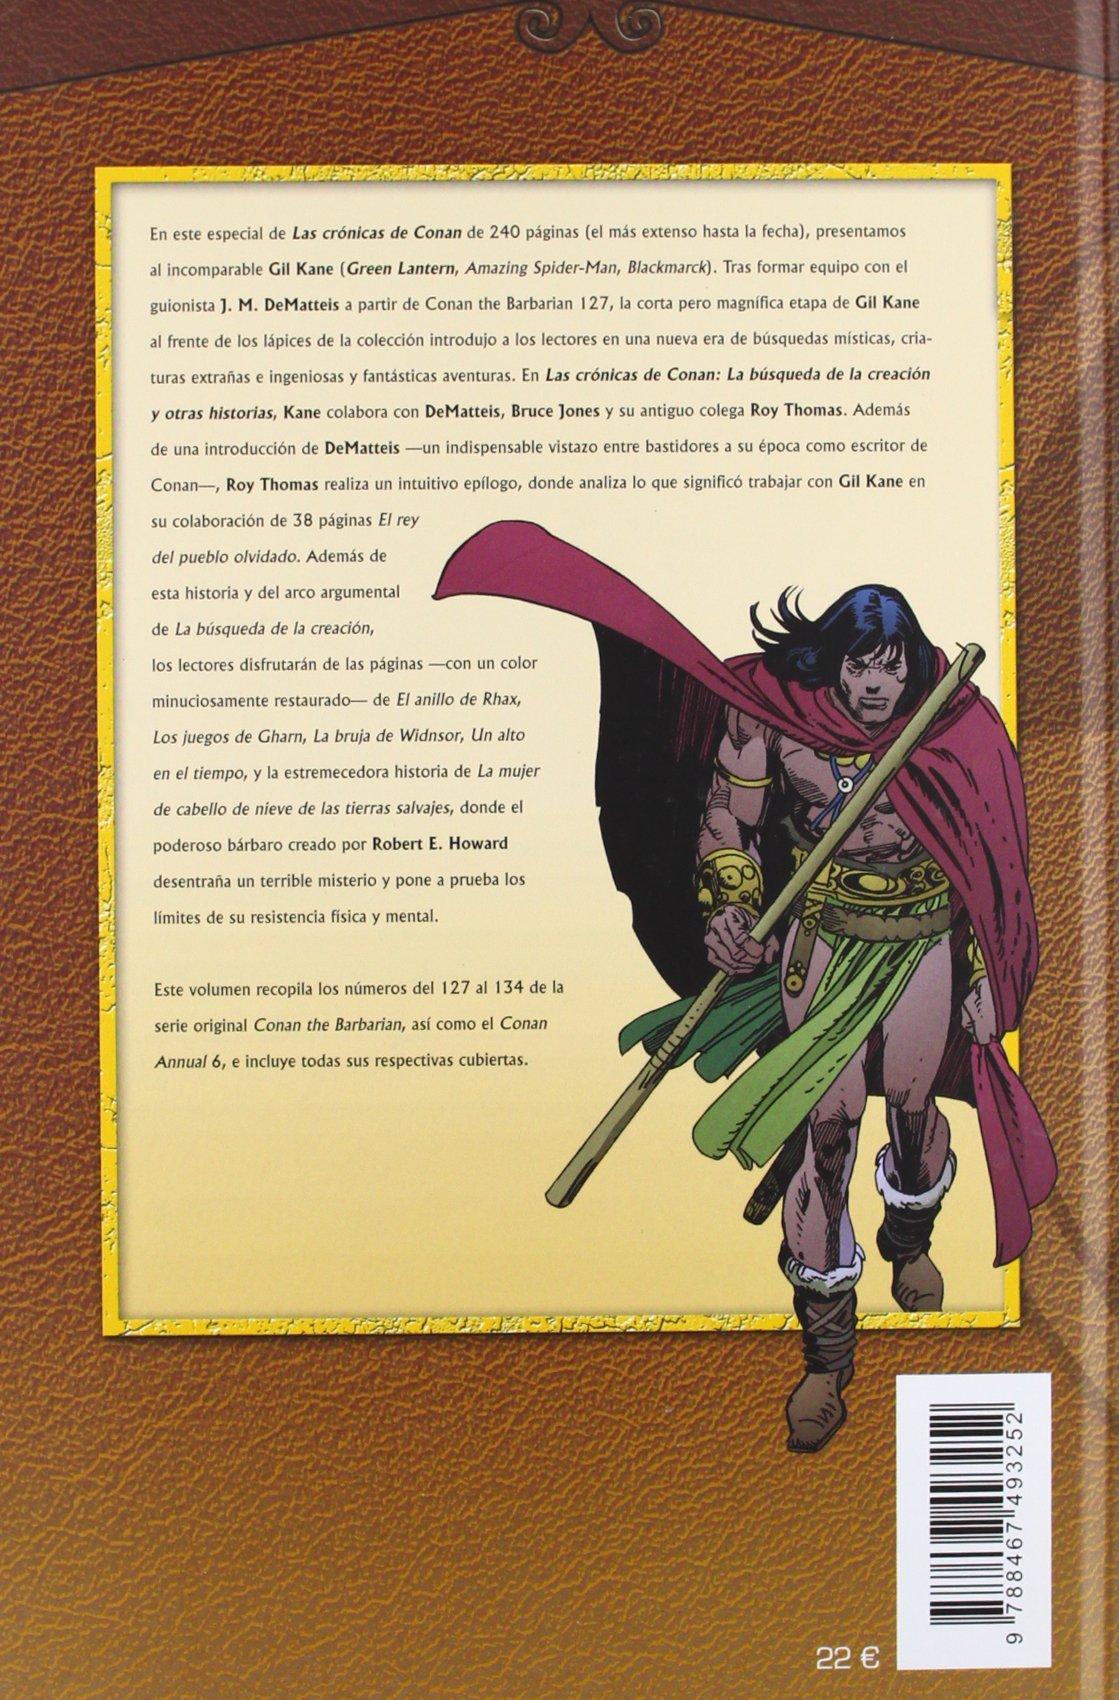 Crónicas de Conan: La búsqueda de la creación 17: Roy (1940 ...